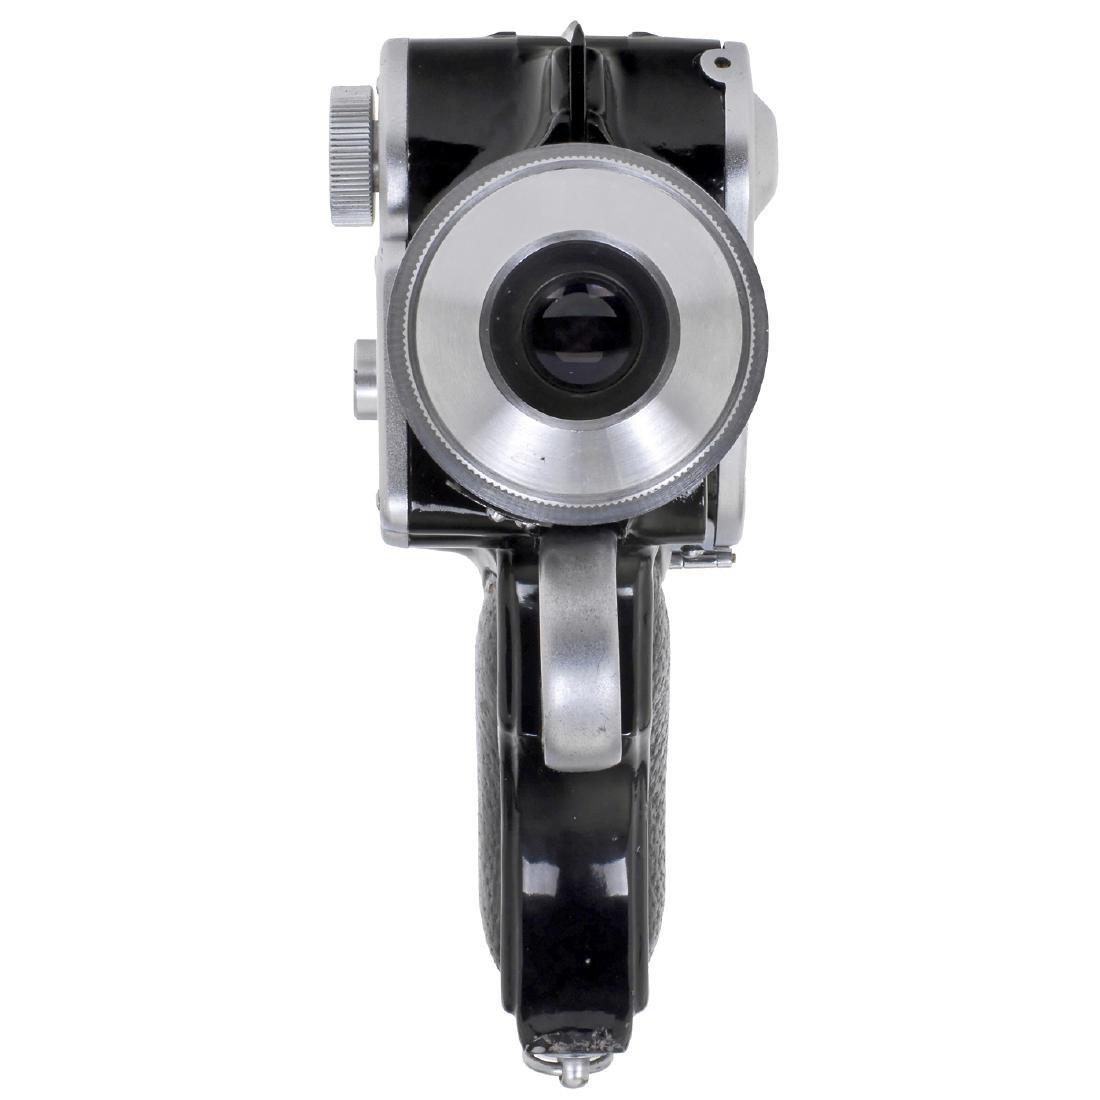 Mamiya Pistol Police Camera, 1954 - 3